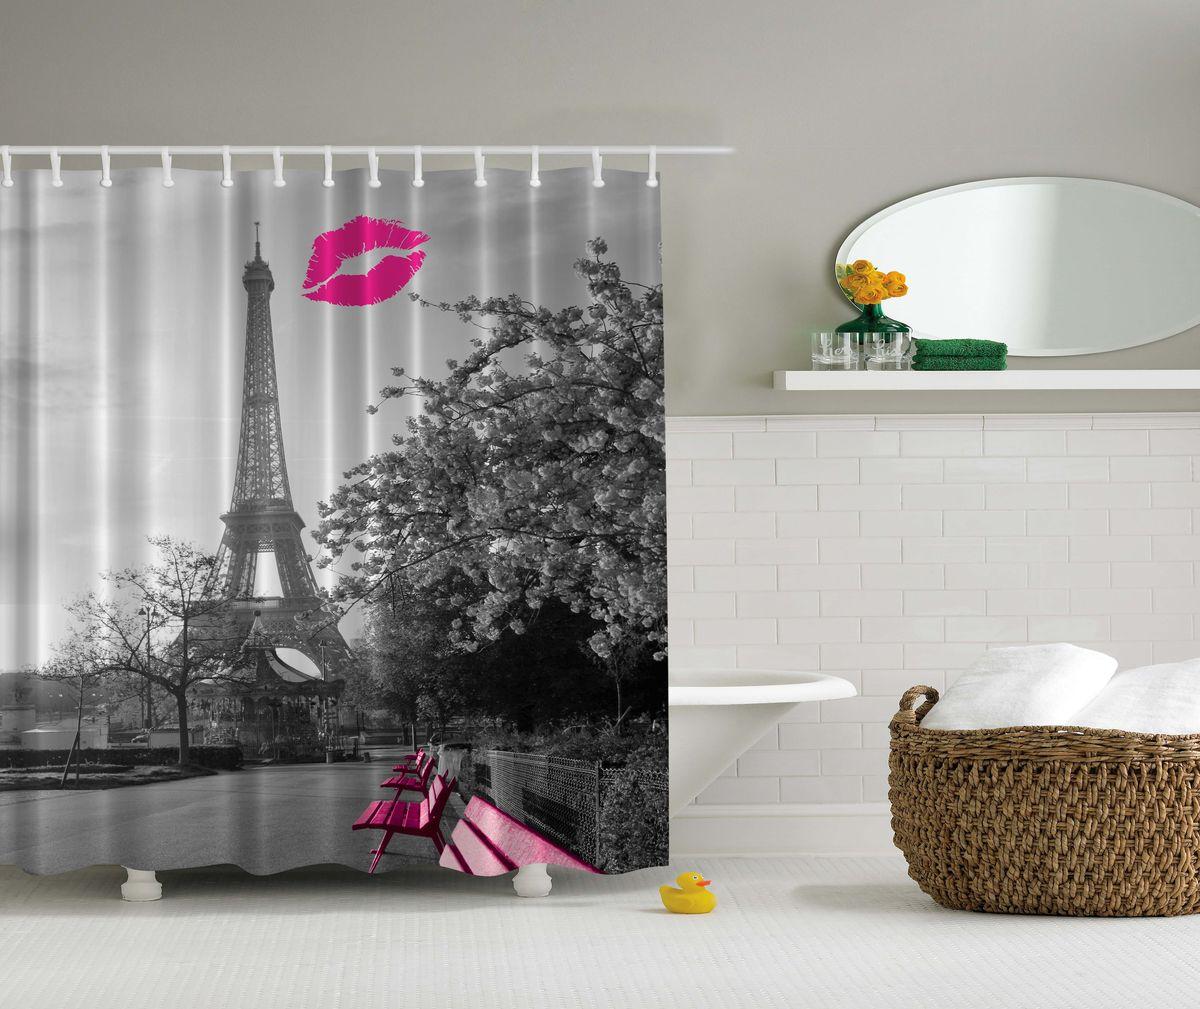 Штора для ванной комнаты Magic Lady Поцелуй в Париже, 180 х 200 смшв_4419Штора Magic Lady Поцелуй в Париже, изготовленная из высококачественного сатена (полиэстер 100%), отлично дополнит любой интерьер ванной комнаты. При изготовлении используются специальные гипоаллергенные чернила для прямой печати по ткани, безопасные для человека. В комплекте: 1 штора, 12 крючков. Обращаем ваше внимание, фактический цвет изделия может незначительно отличаться от представленного на фото.